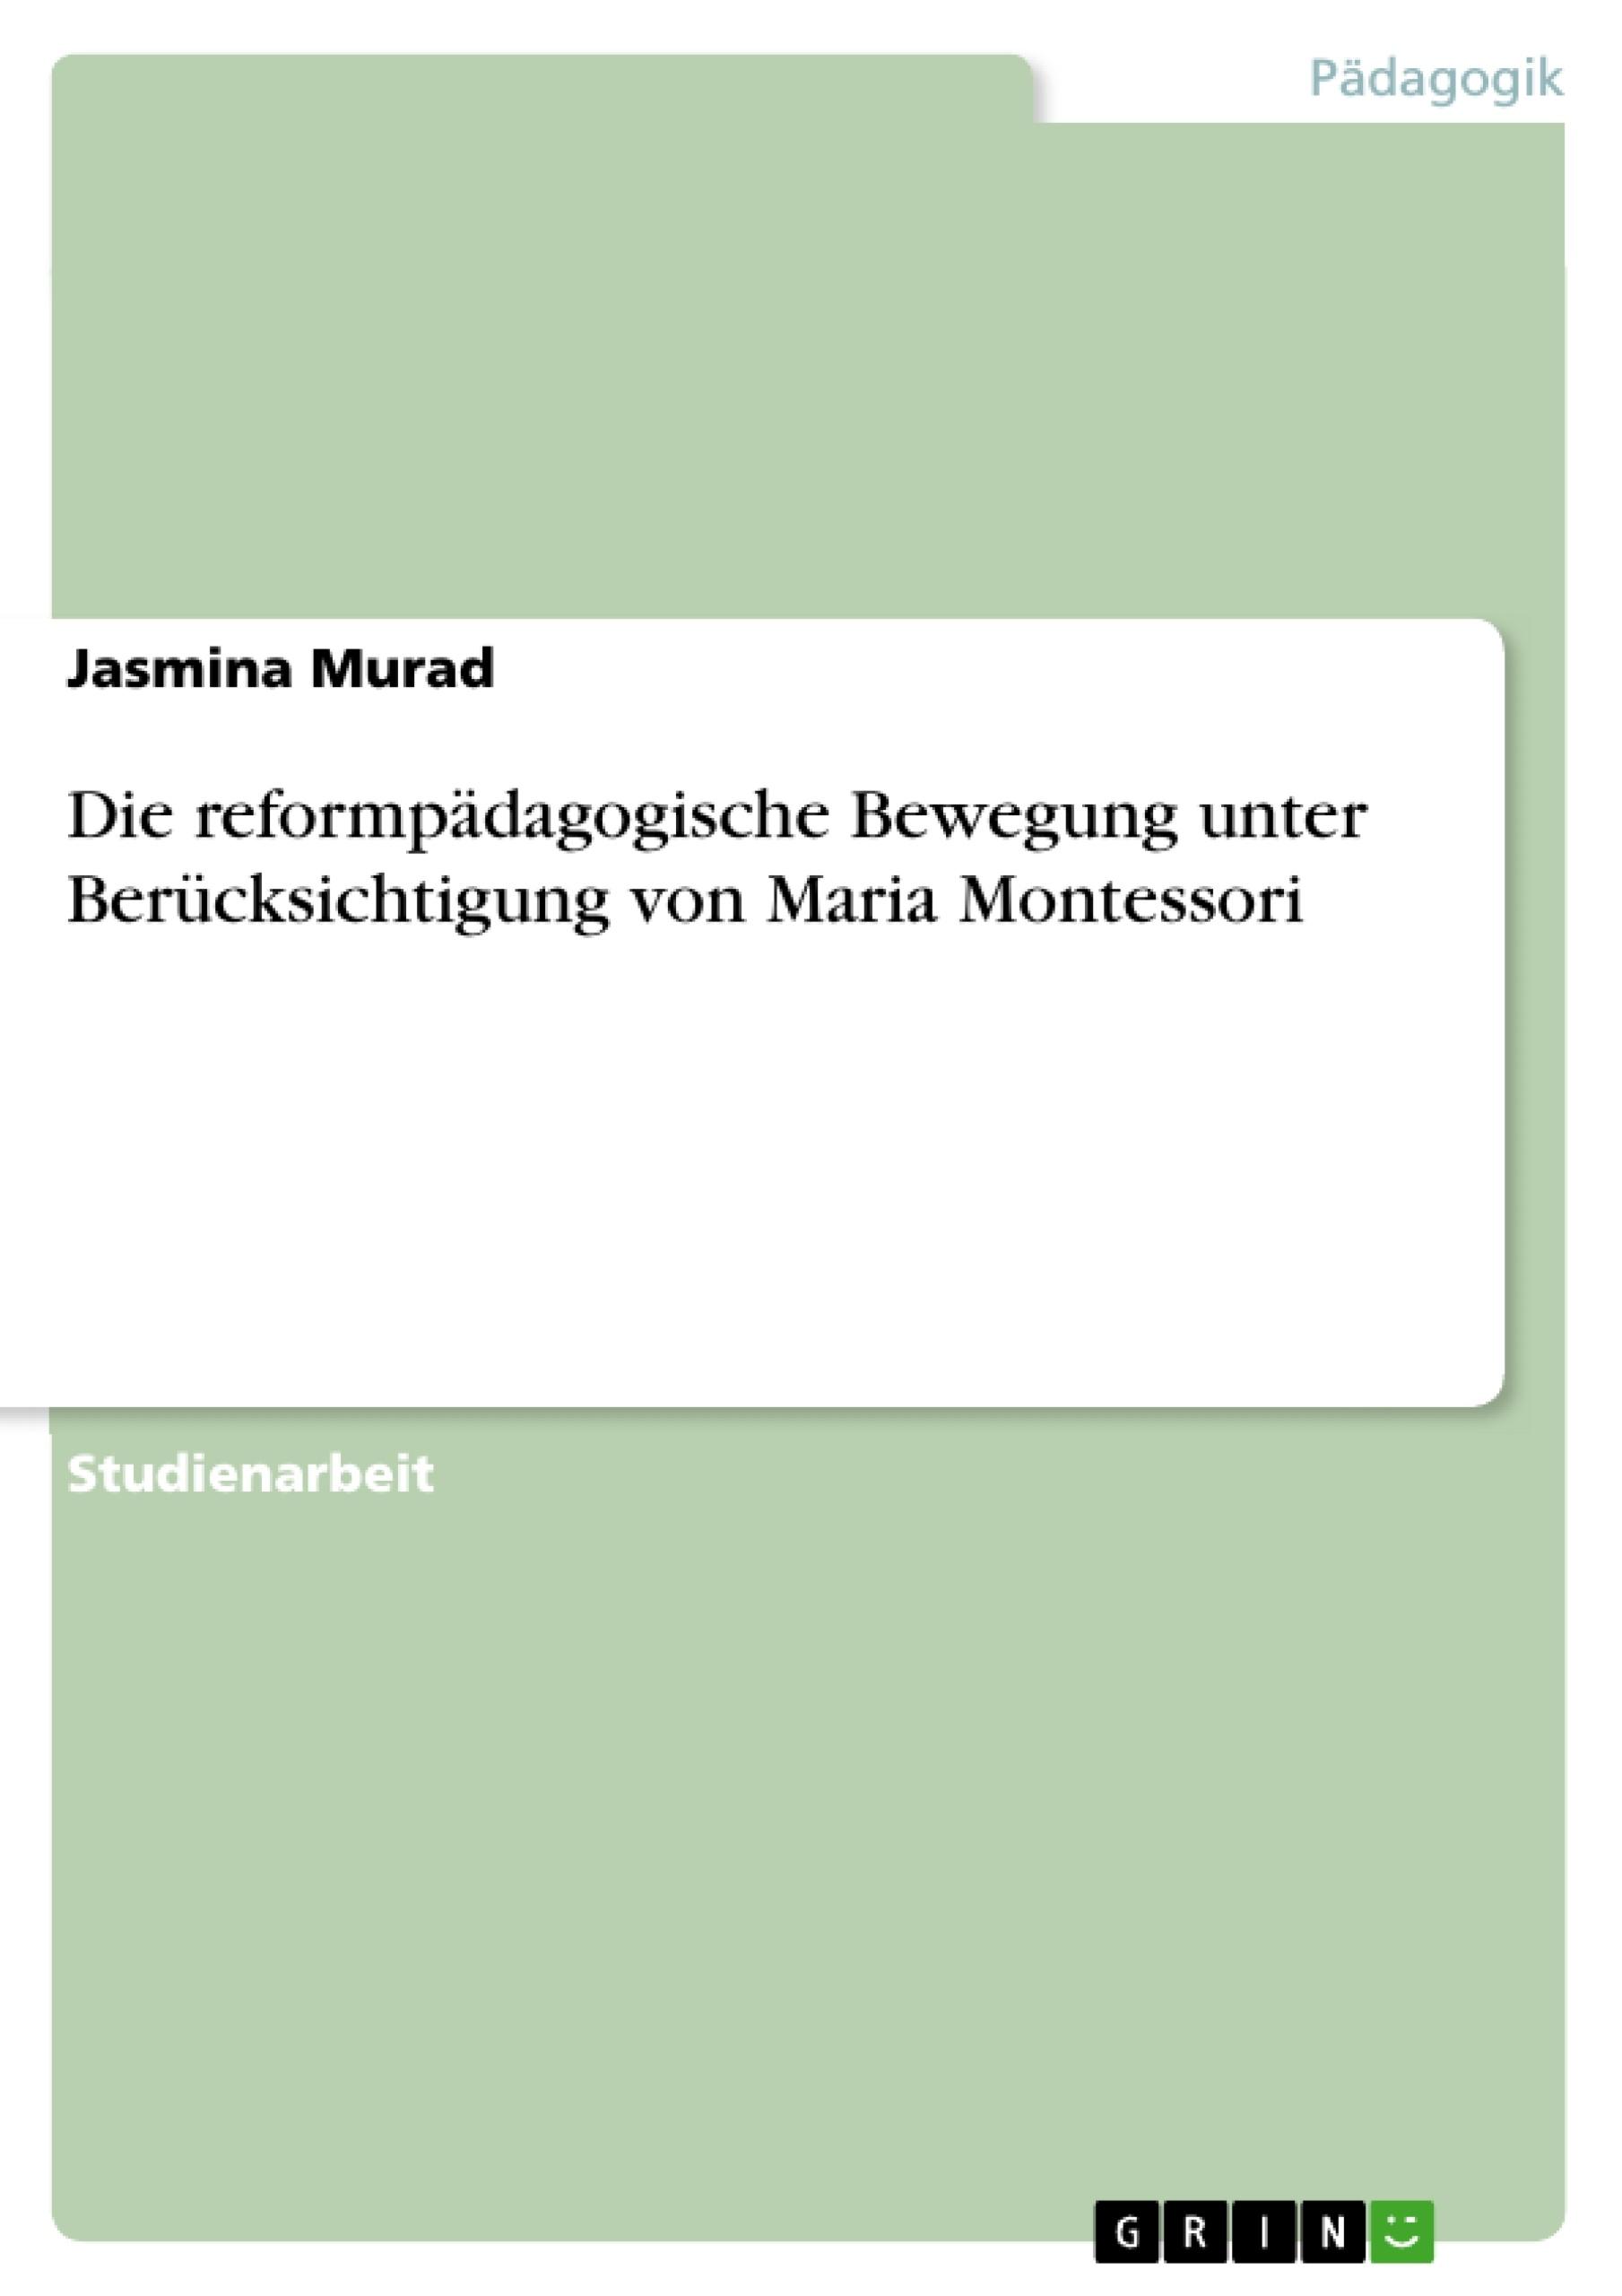 Titel: Die reformpädagogische Bewegung unter Berücksichtigung von Maria Montessori